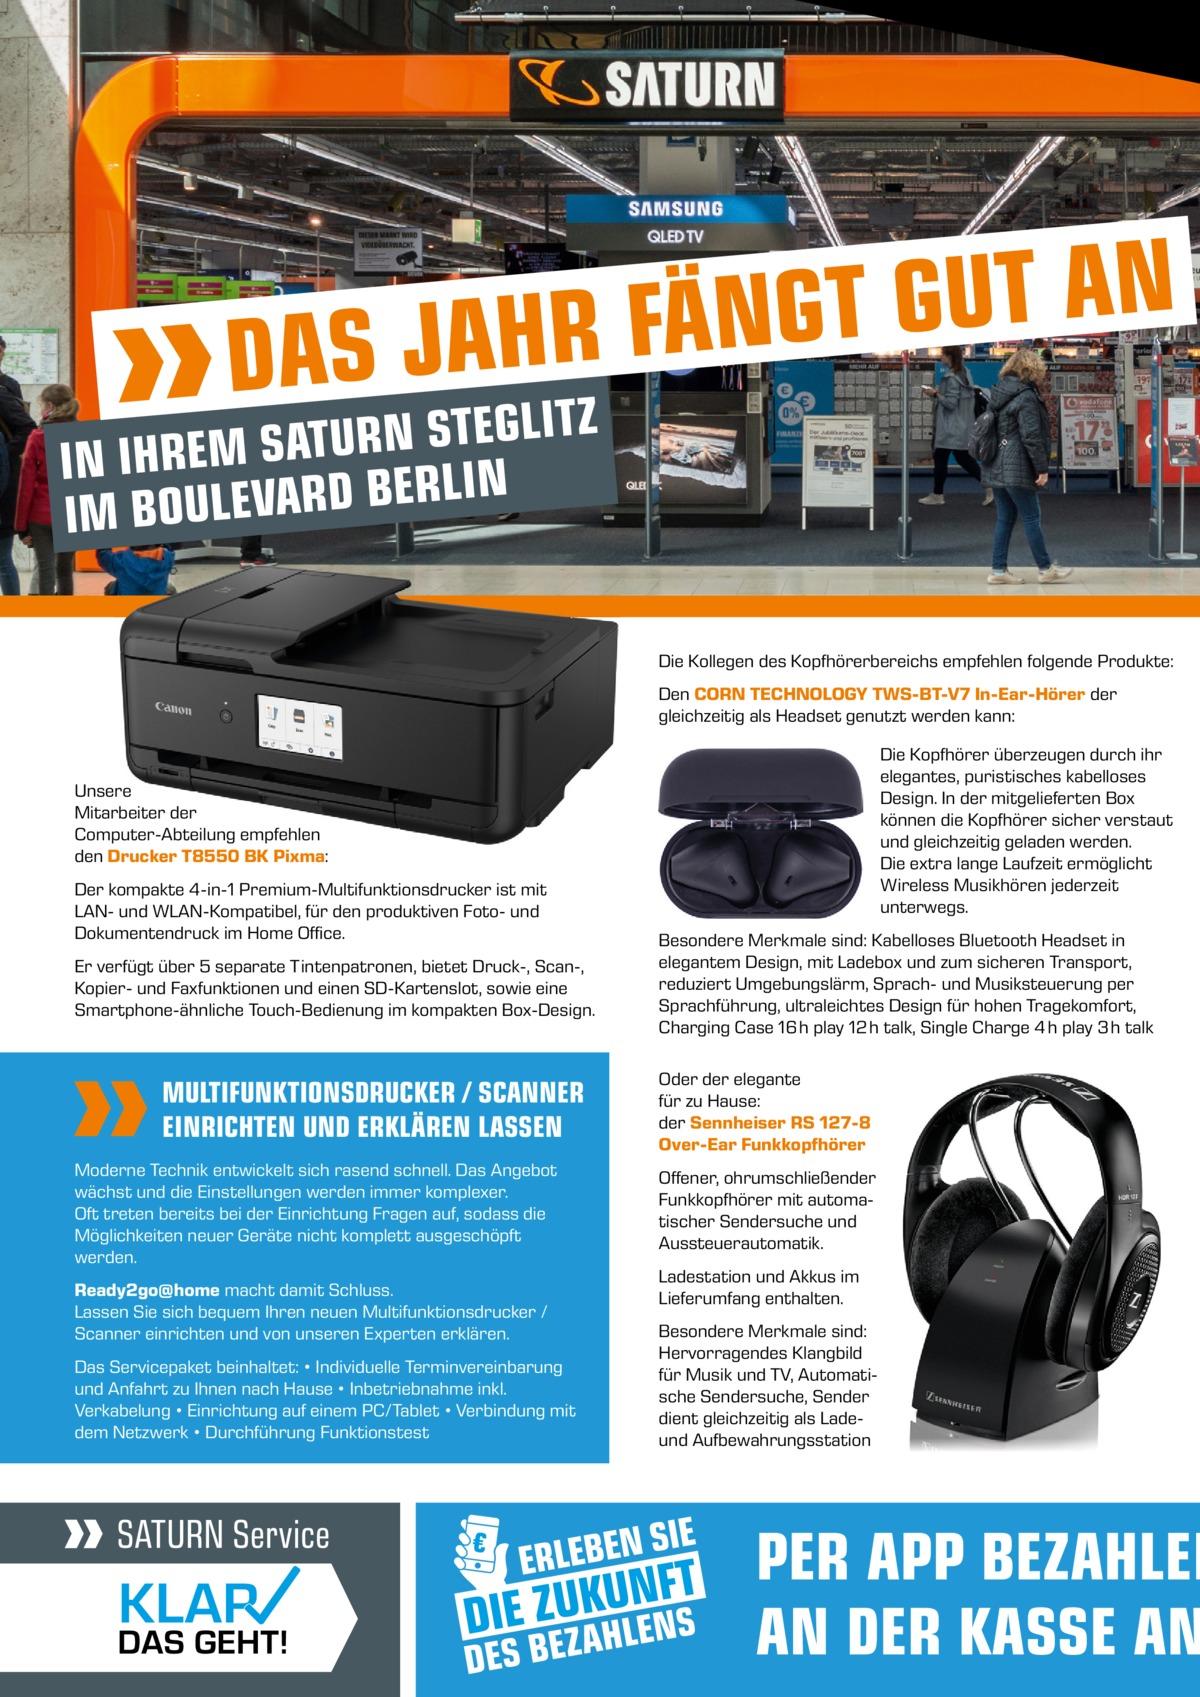 N A T U G T G N Ä F R H S JA  DA  Z T I L G E T S N R U T IN IHREM SA IN L R E B D R A V E L U IM BO  Die Kollegen des Kopfhörerbereichs empfehlen folgende Produkte: Den CORN TECHNOLOGY TWS-BT-V7 In-Ear-Hörer der gleichzeitig als Headset genutzt werden kann: Die Kopfhörer überzeugen durch ihr elegantes, puristisches kabelloses Design. In der mitgelieferten Box können die Kopfhörer sicher verstaut und gleichzeitig geladen werden. Die extra lange Laufzeit ermöglicht Wireless Musikhören jederzeit unterwegs.  Unsere Mitarbeiter der Computer-Abteilung empfehlen den Drucker T8550 BK Pixma: Der kompakte 4-in-1 Premium-Multifunktionsdrucker ist mit LAN- und WLAN-Kompatibel, für den produktiven Foto- und Dokumentendruck im Home Office. Er verfügt über 5 separate Tintenpatronen, bietet Druck-, Scan-, Kopier- und Faxfunktionen und einen SD-Kartenslot, sowie eine Smartphone-ähnliche Touch-Bedienung im kompakten Box-Design.  MULTIFUNKTIONSDRUCKER / SCANNER EINRICHTEN UND ERKLÄREN LASSEN Moderne Technik entwickelt sich rasend schnell. Das Angebot wächst und die Einstellungen werden immer komplexer. Oft treten bereits bei der Einrichtung Fragen auf, sodass die Möglichkeiten neuer Geräte nicht komplett ausgeschöpft werden. Ready2go@home macht damit Schluss. Lassen Sie sich bequem Ihren neuen Multifunktionsdrucker / Scanner einrichten und von unseren Experten erklären. Das Servicepaket beinhaltet: • Individuelle Terminvereinbarung und Anfahrt zu Ihnen nach Hause • Inbetriebnahme inkl. Verkabelung • Einrichtung auf einem PC/Tablet • Verbindung mit dem Netzwerk • Durchführung Funktionstest  Besondere Merkmale sind: Kabelloses Bluetooth Headset in elegantem Design, mit Ladebox und zum sicheren Transport, reduziert Umgebungslärm, Sprach- und Musiksteuerung per Sprachführung, ultraleichtes Design für hohen Tragekomfort, Charging Case 16 h play 12 h talk, Single Charge 4 h play 3 h talk Oder der elegante für zu Hause: der Sennheiser RS 127-8 Over-Ear Funkkopfhörer Offener, ohrumschließend